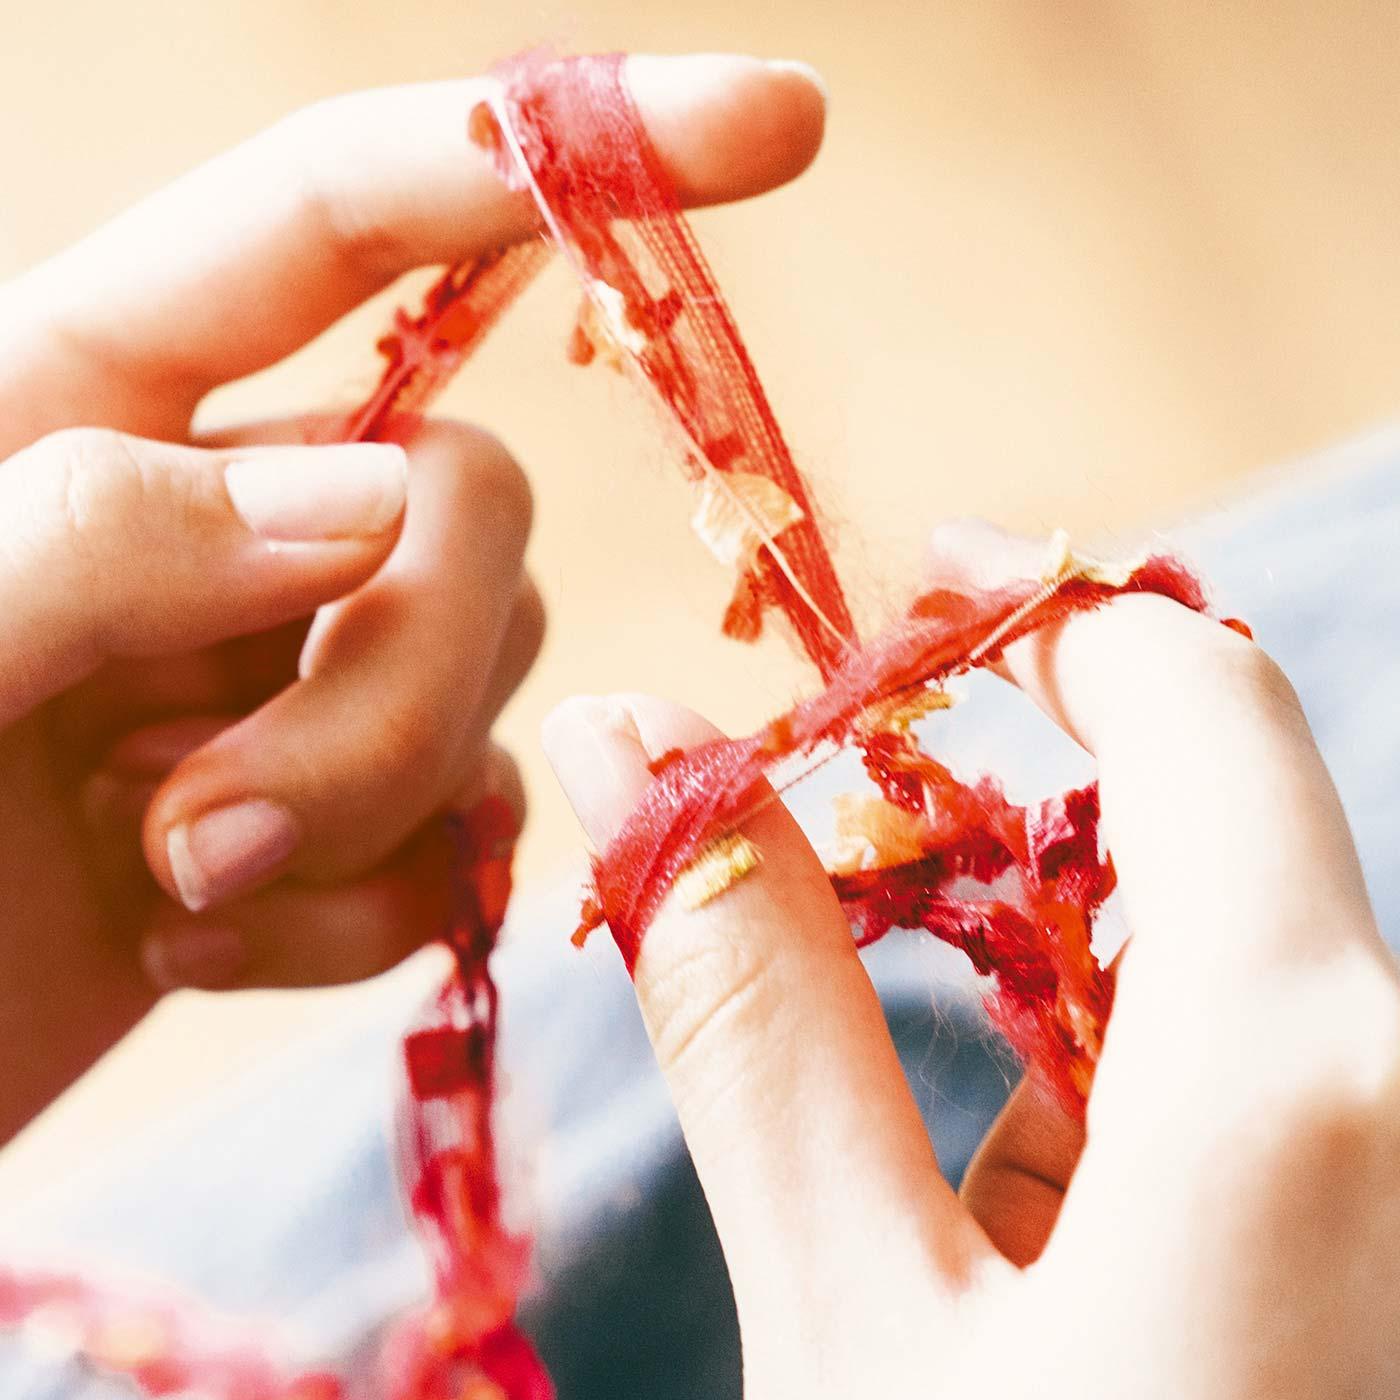 編み針を使わず指で編んでいくので、編み物はじめてさんにもおすすめです。